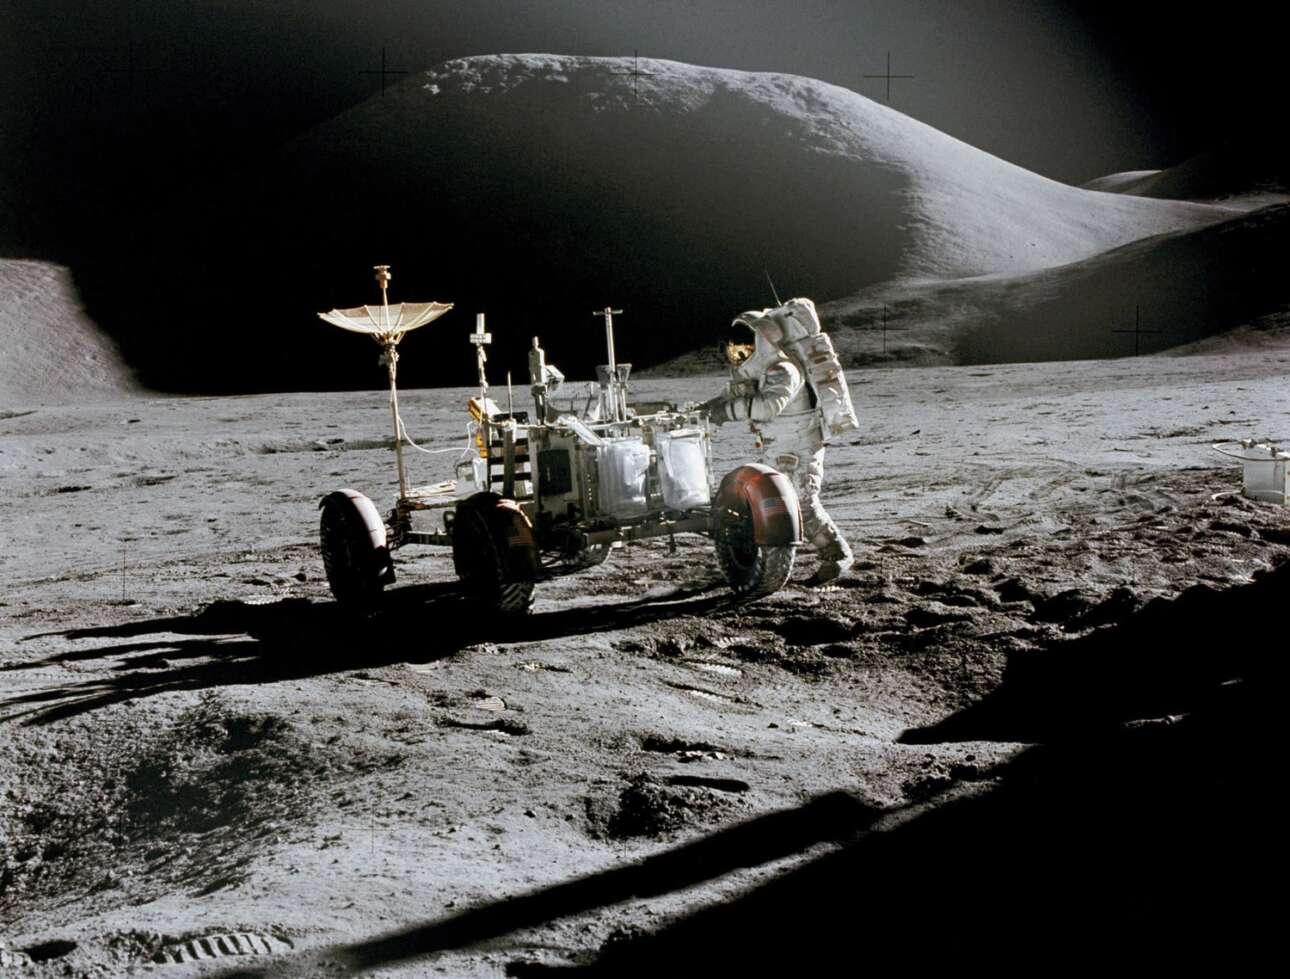 Η NASA γιορτάζει την 50ή επέτειο της αποστολής Apollo 15 στο φεγγάρι, η οποία ξεκίνησε στις 26 Ιουλίου 1971. Σε αυτό το ιστορικό καρέ της 31ης Ιουλίου 1971 βλέπετε τον αστροναύτη Τζέιμς Ιργουιν δίπλα στο σεληνιακό όχημα